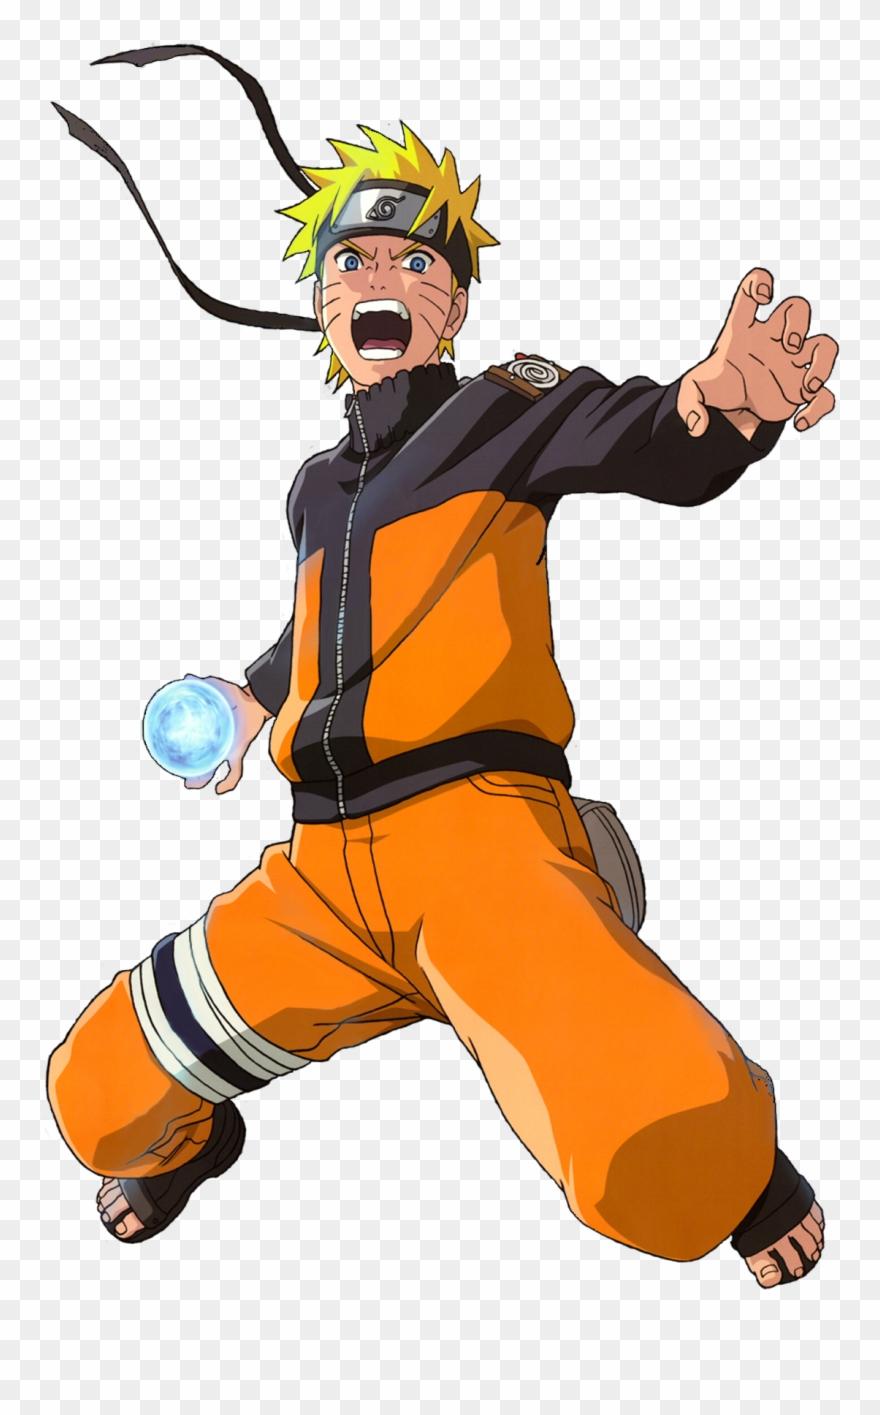 Naruto Clipart Naruto Shippuden.